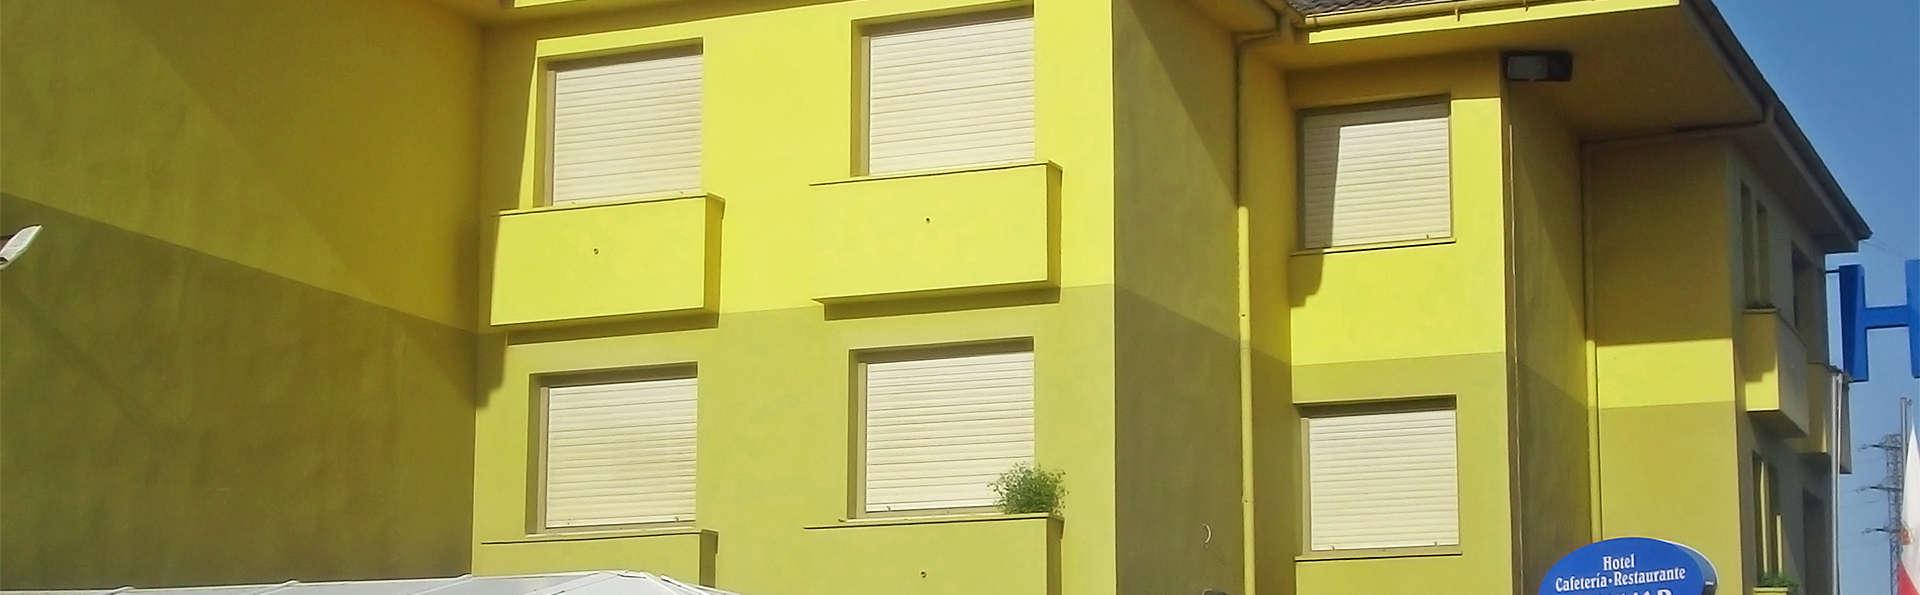 Hotel Solymar - EDIT_FACHADA_1.jpg